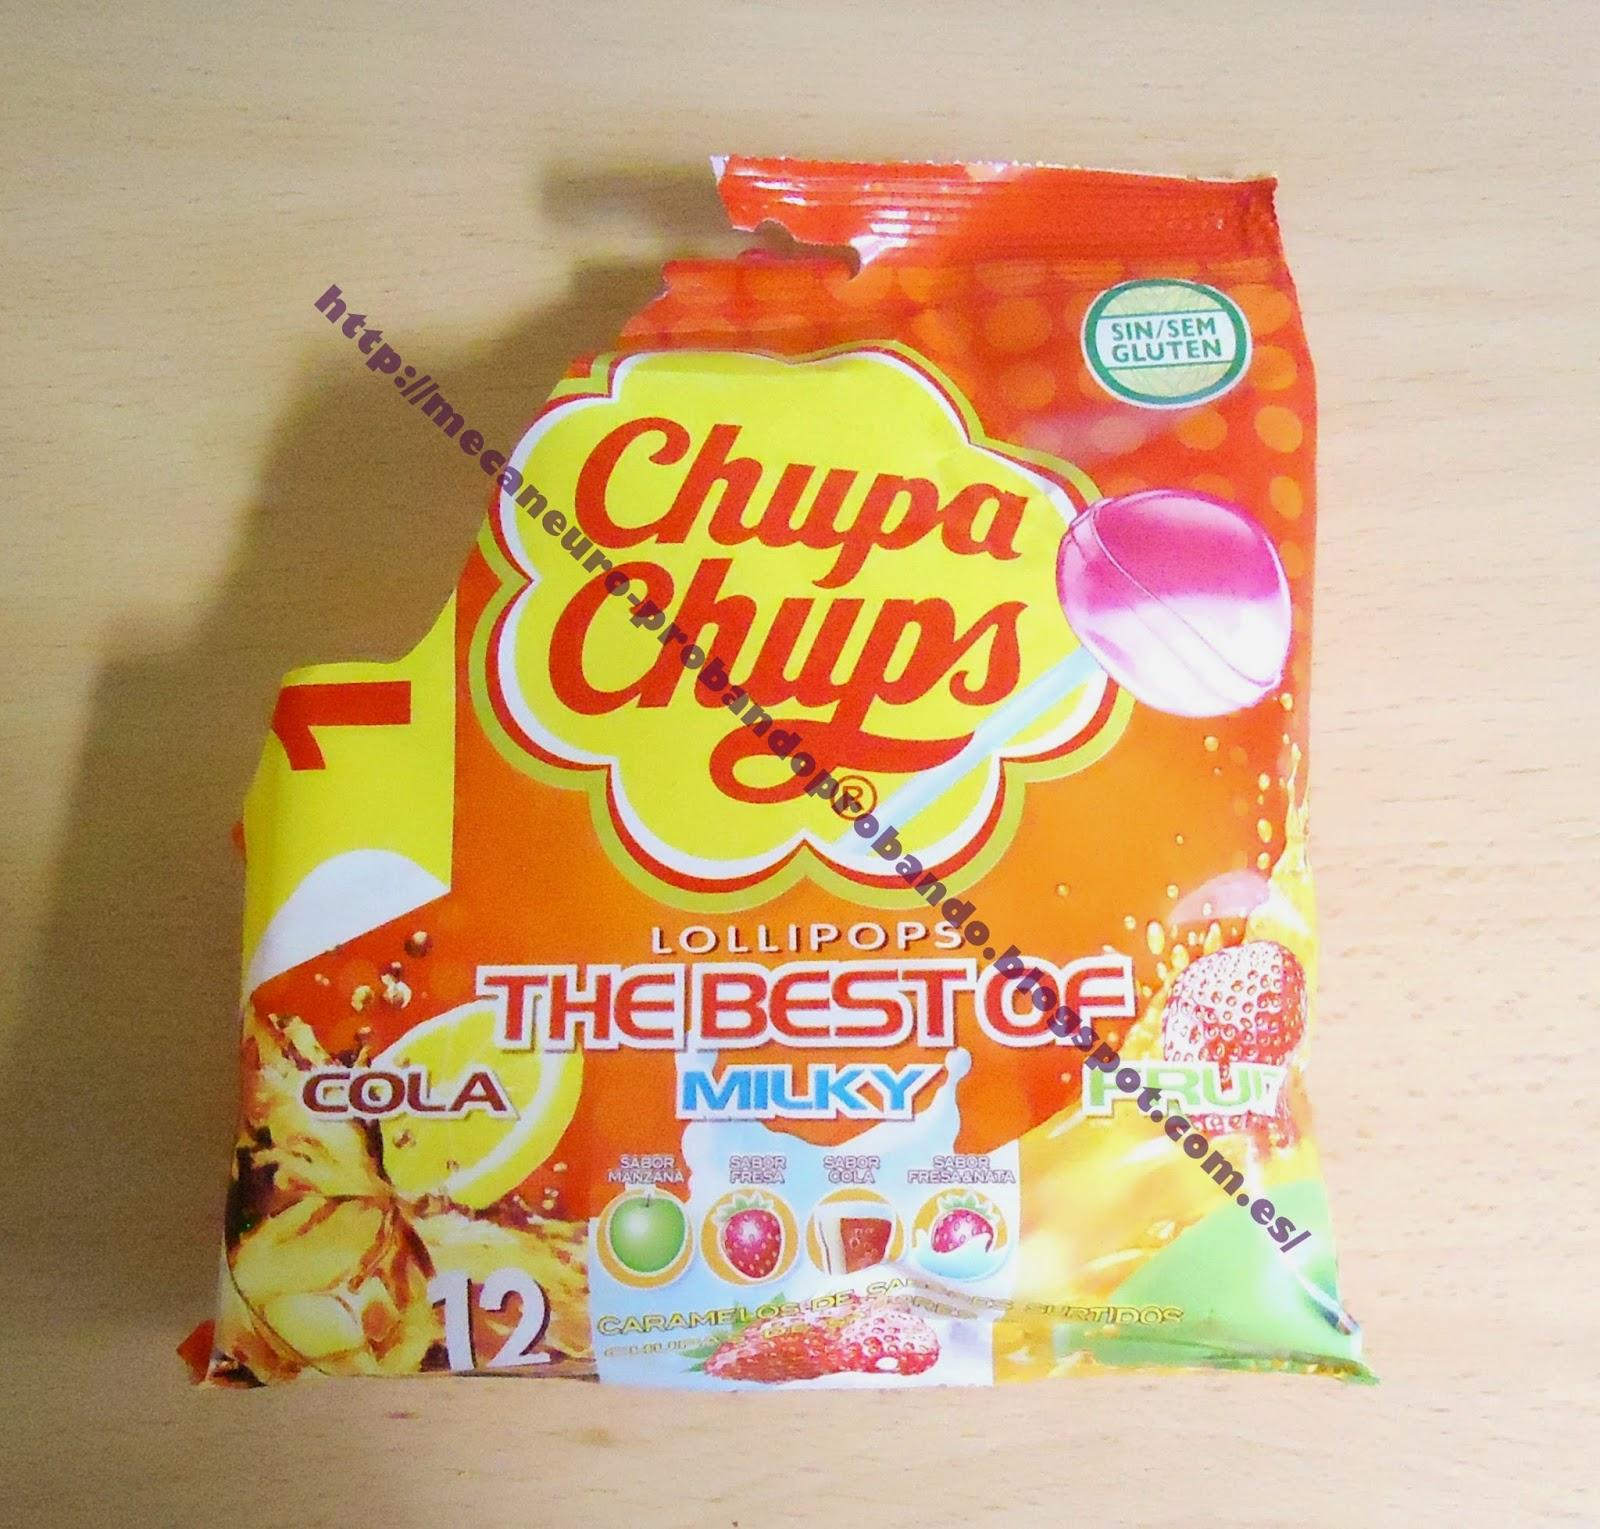 Chupa Chups, caramelo con palo